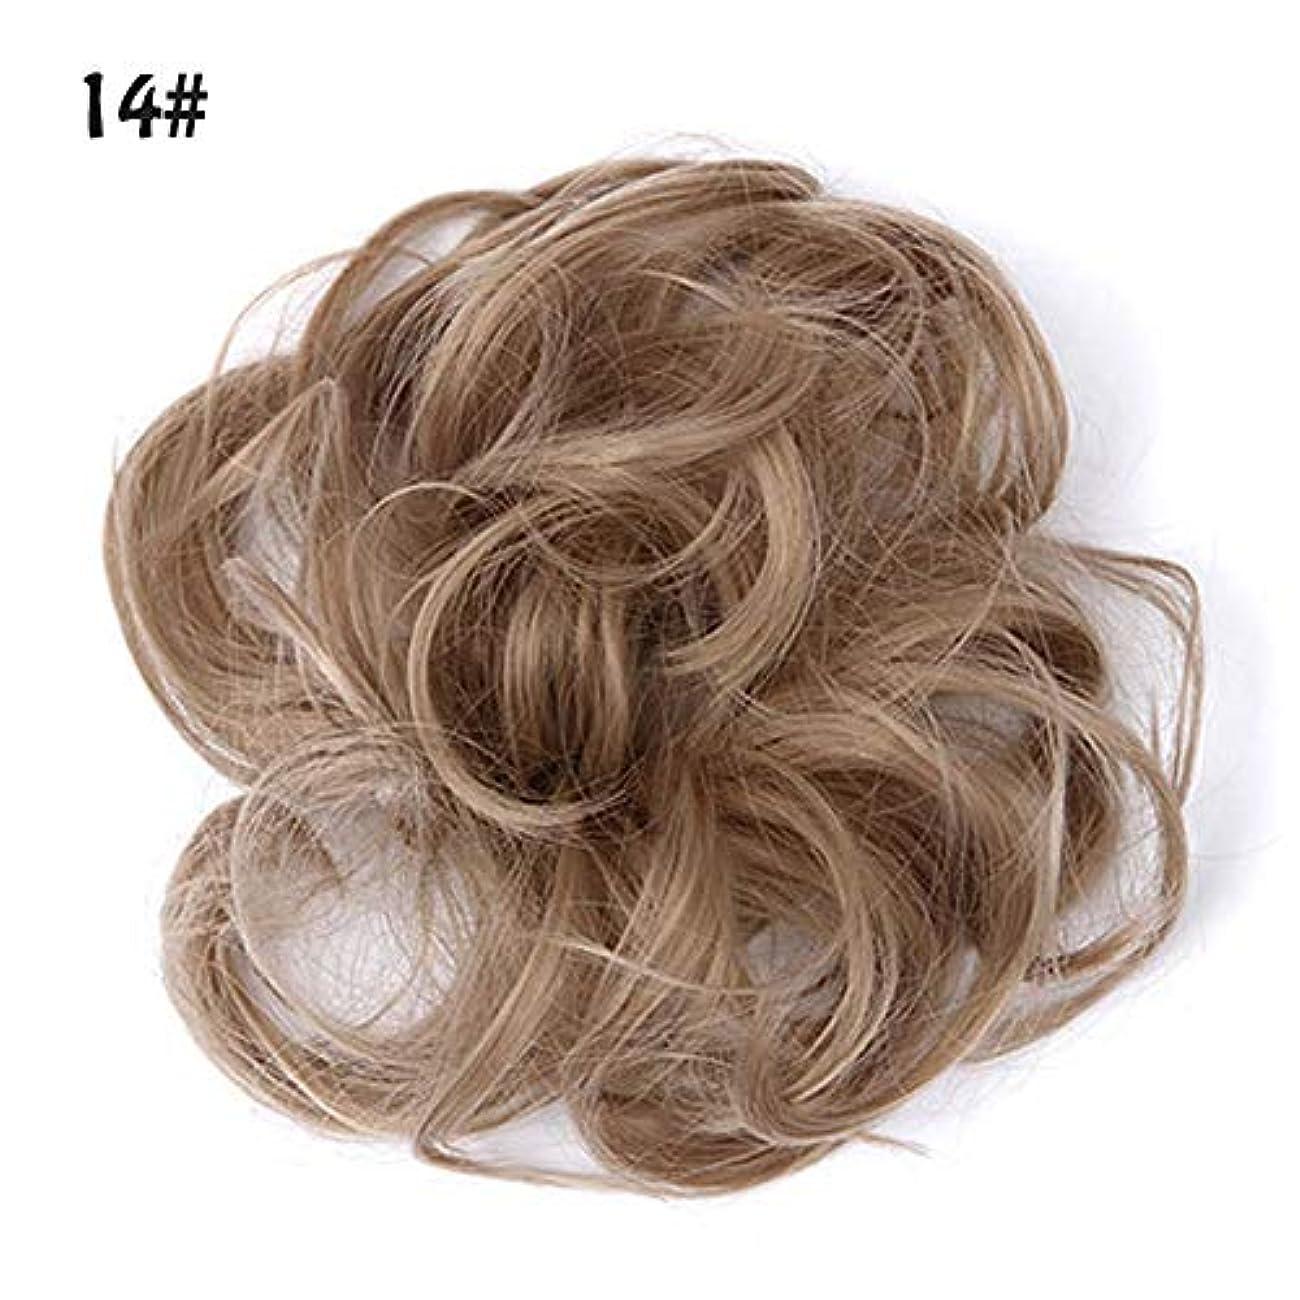 メンタル深遠鼓舞する乱雑な髪のお団子シュシュの拡張機能、ポニーテールシニョンドーナツアップ、女性用カーリー波状リボンアクセサリー